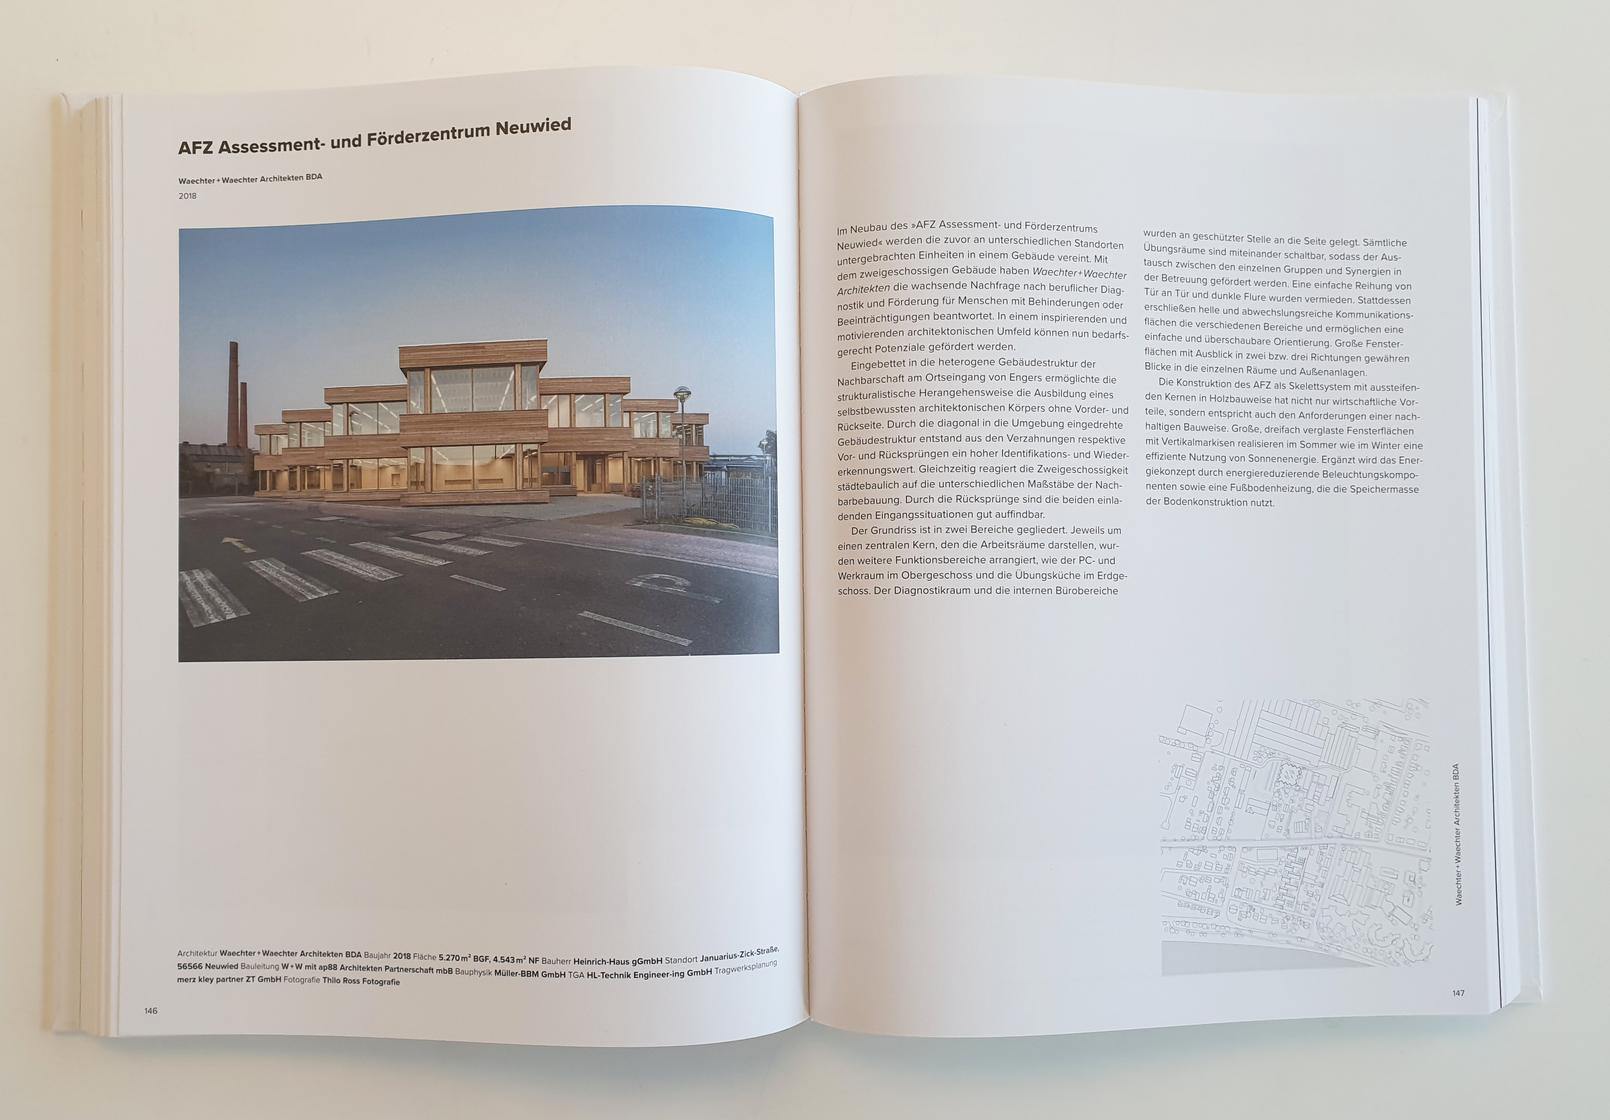 Jahrbuch der Architektur - AFZ Assessment und Förderzentrum Neuwied